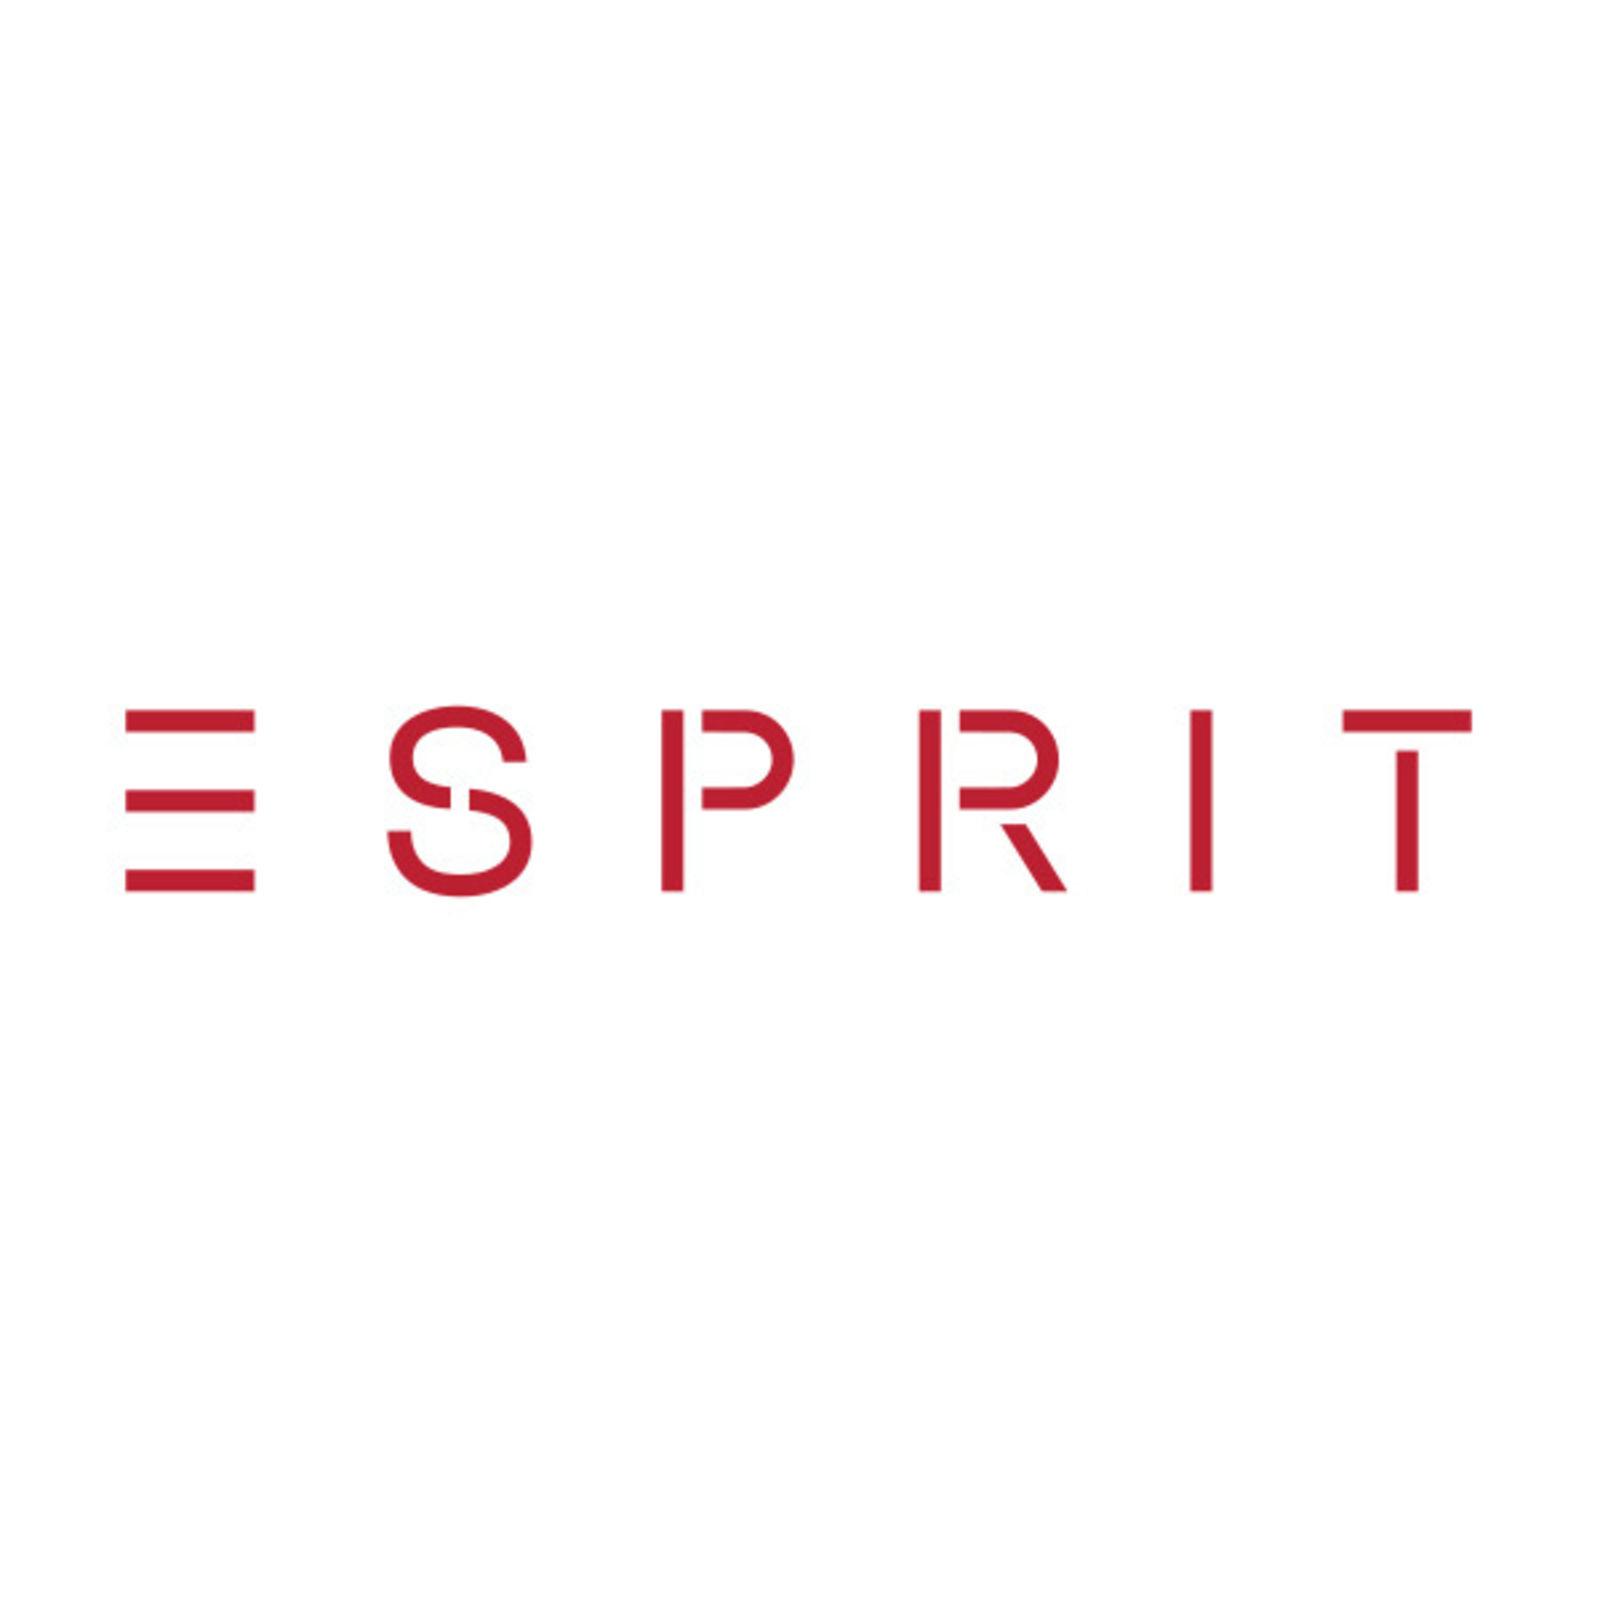 ESPRIT (Afbeelding 1)